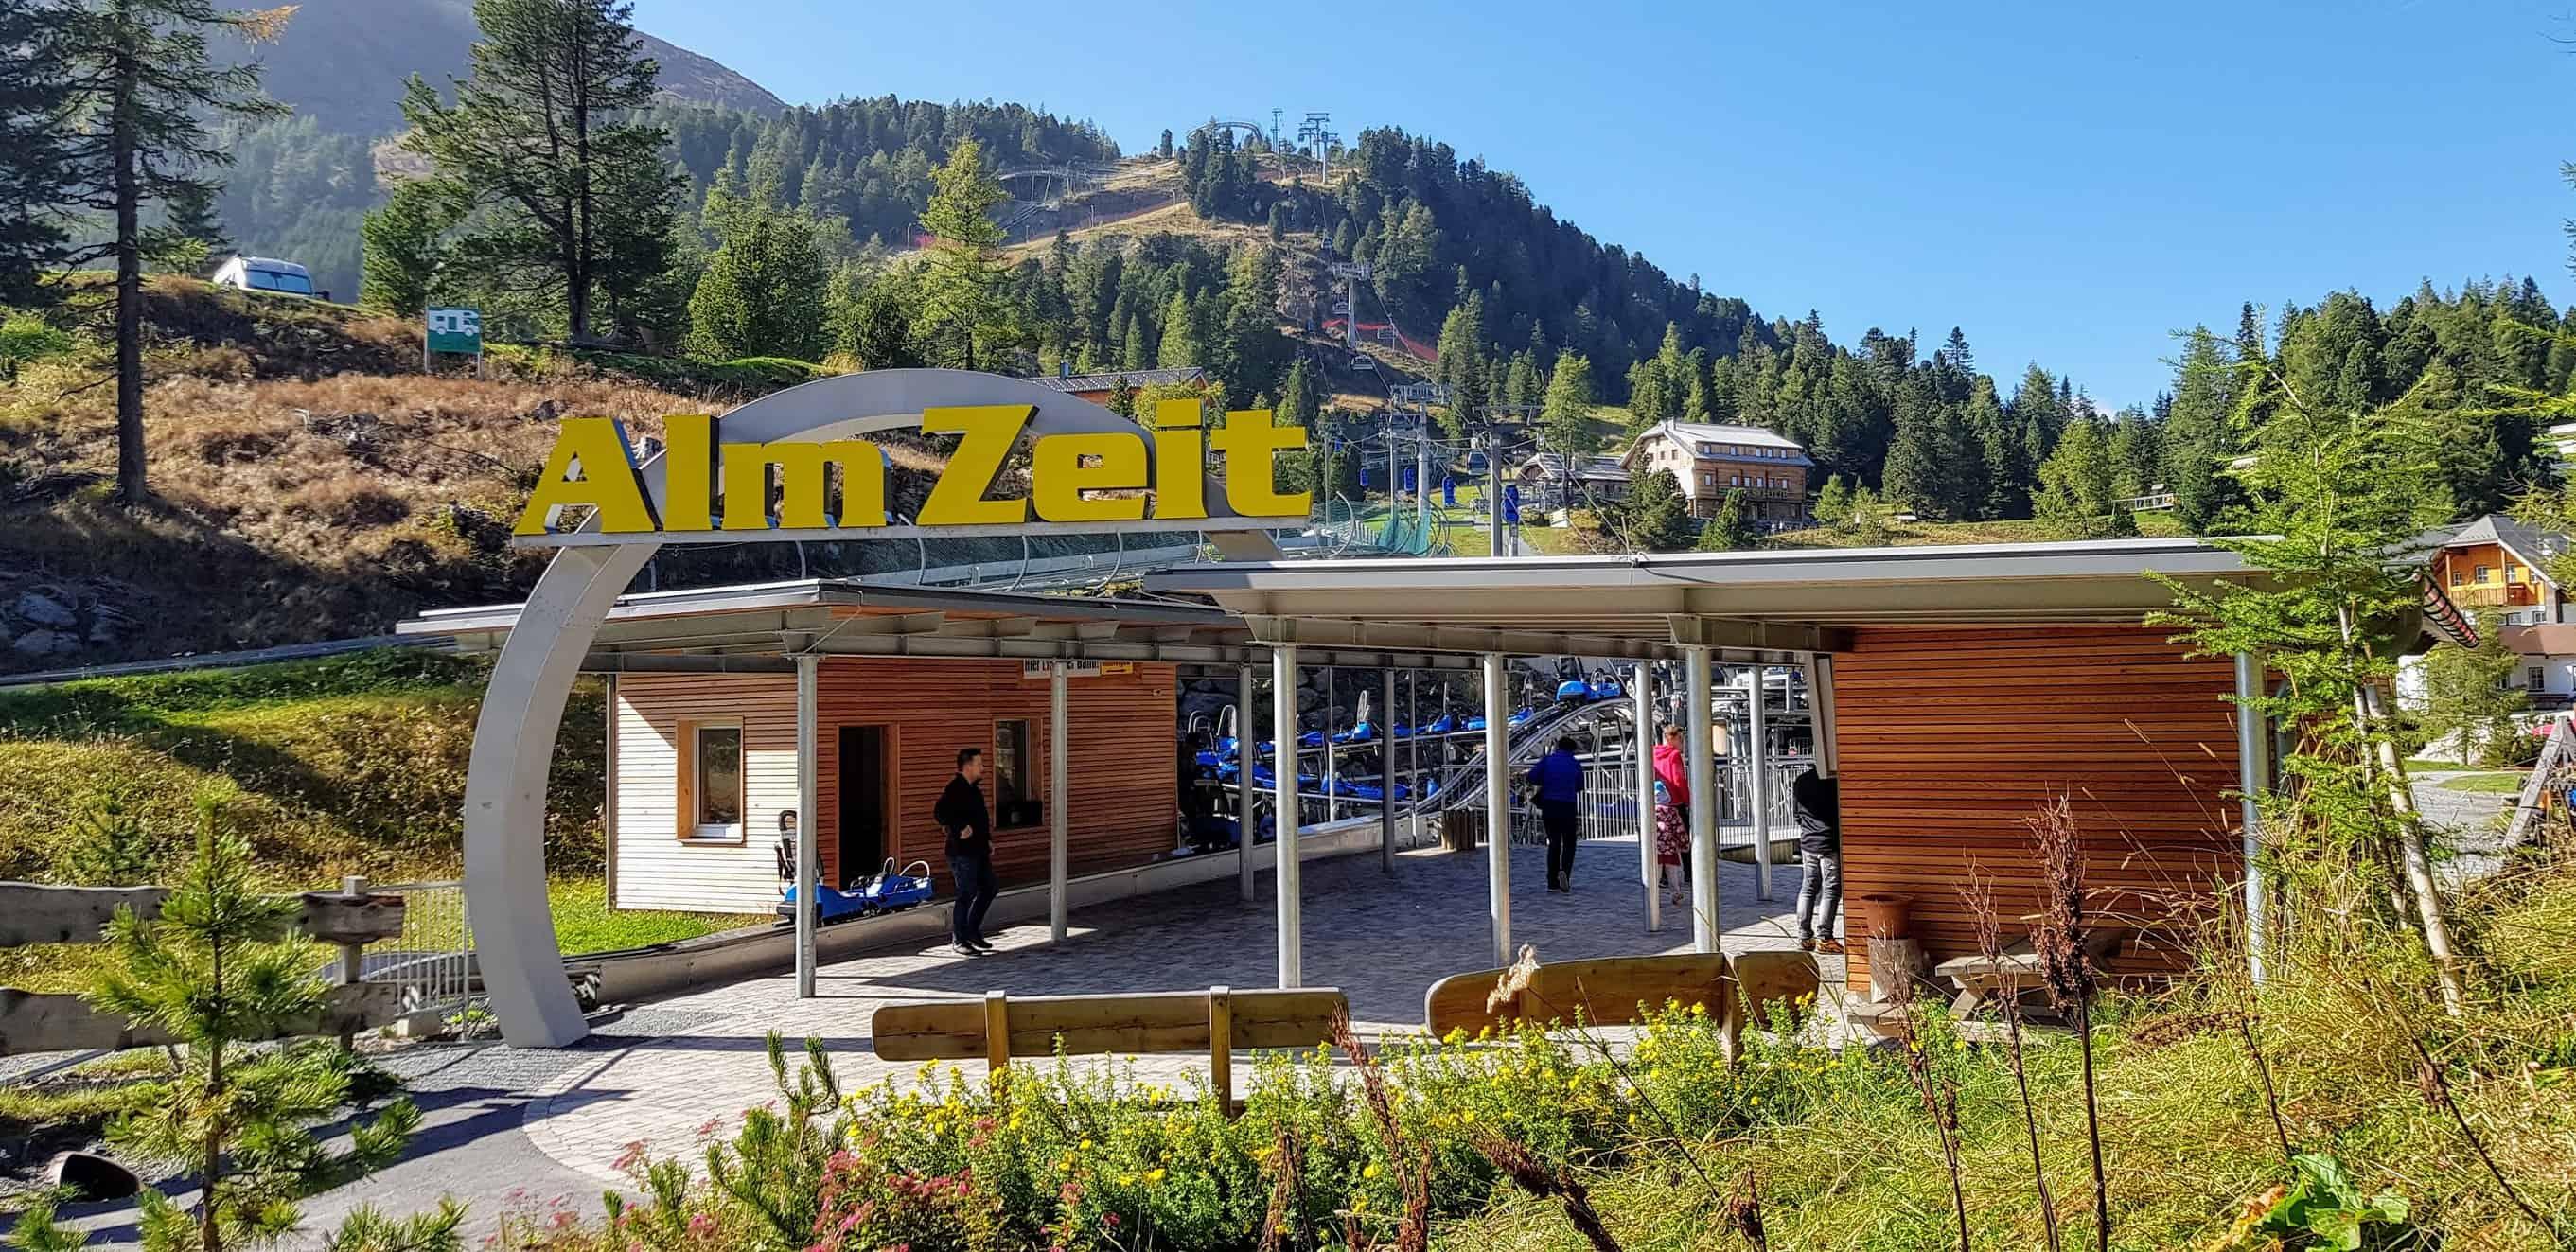 Startplatz Bergbahn Panoramabahn auf der Turracher Höhe zur Sommerrodelbahn und dem Erlebnisspielplatz